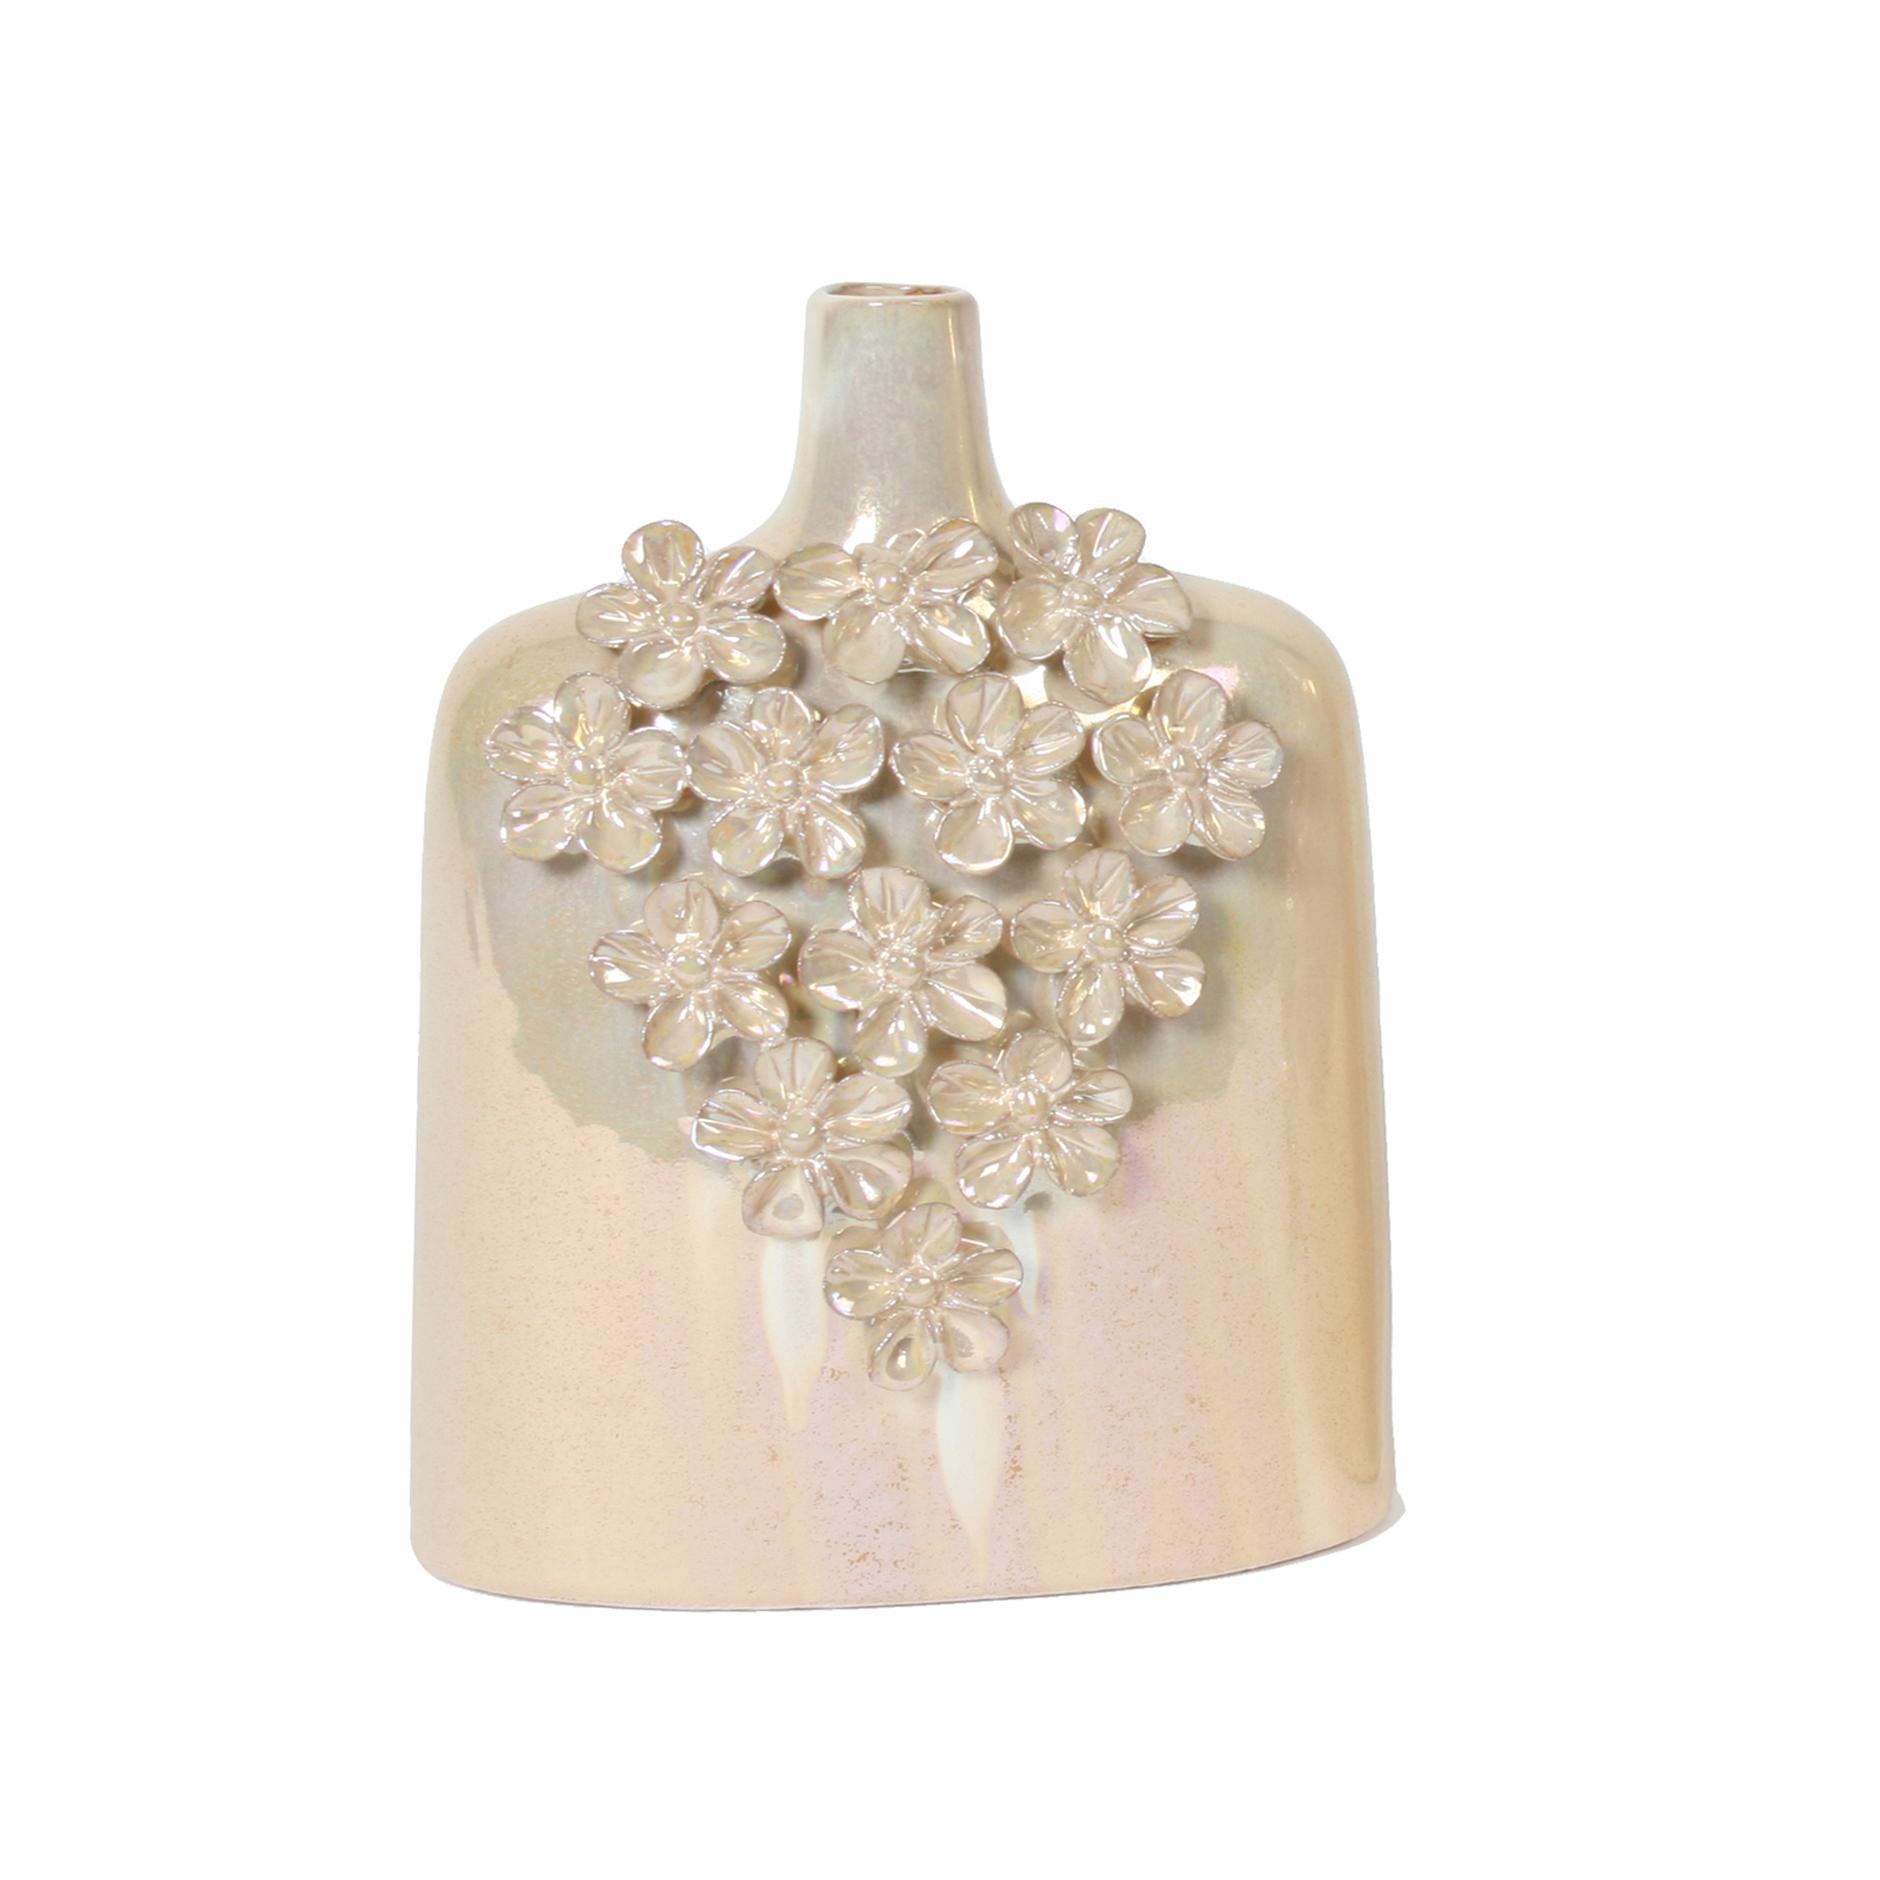 Daisy design bottle vase 20cm